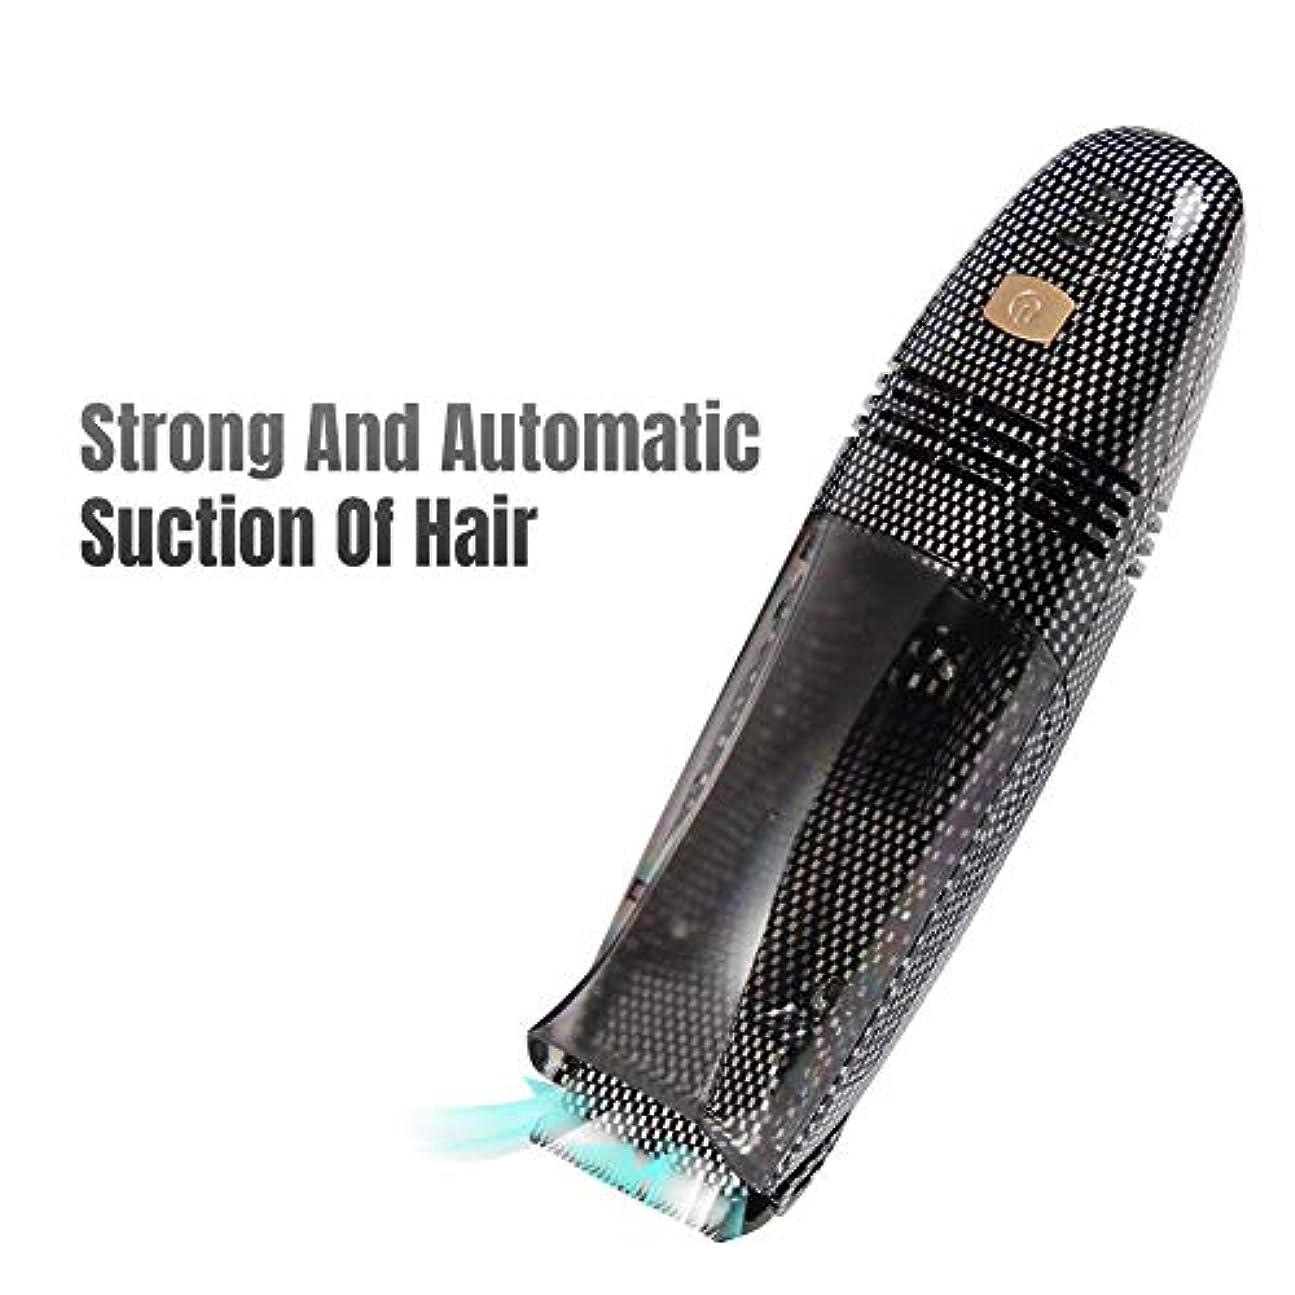 下にに対応悲鳴キッズヘアクリッパー自動吸入毛髪機能防水静かなヘアクリッパー充電式プロフェッショナルヘアクリッパー